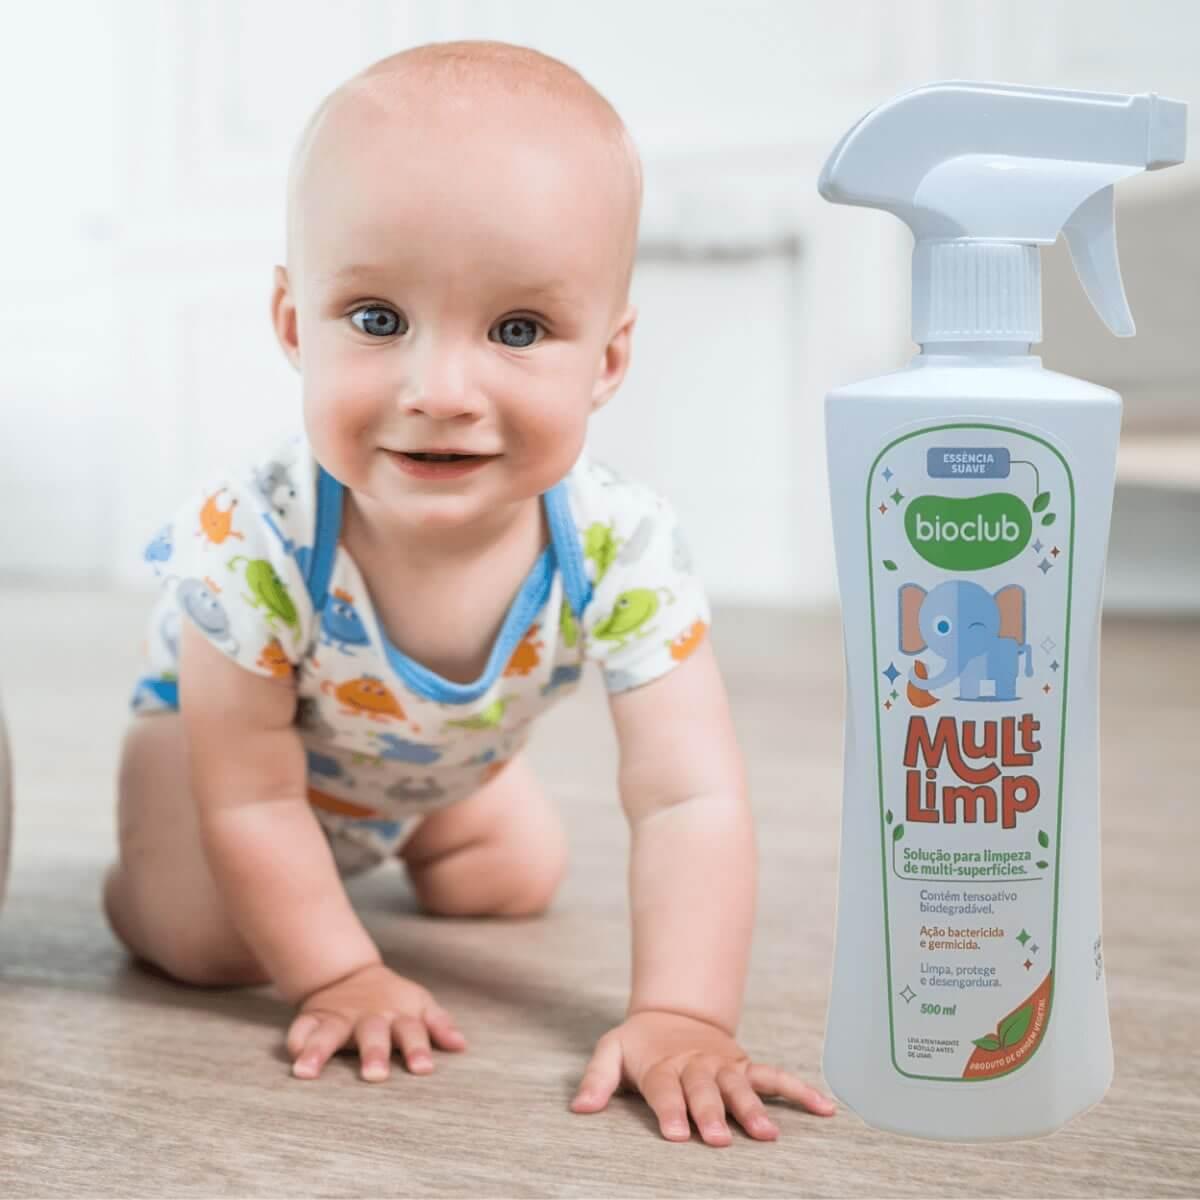 Limpeza de Superfícies Spray Mult Limp Bioclub